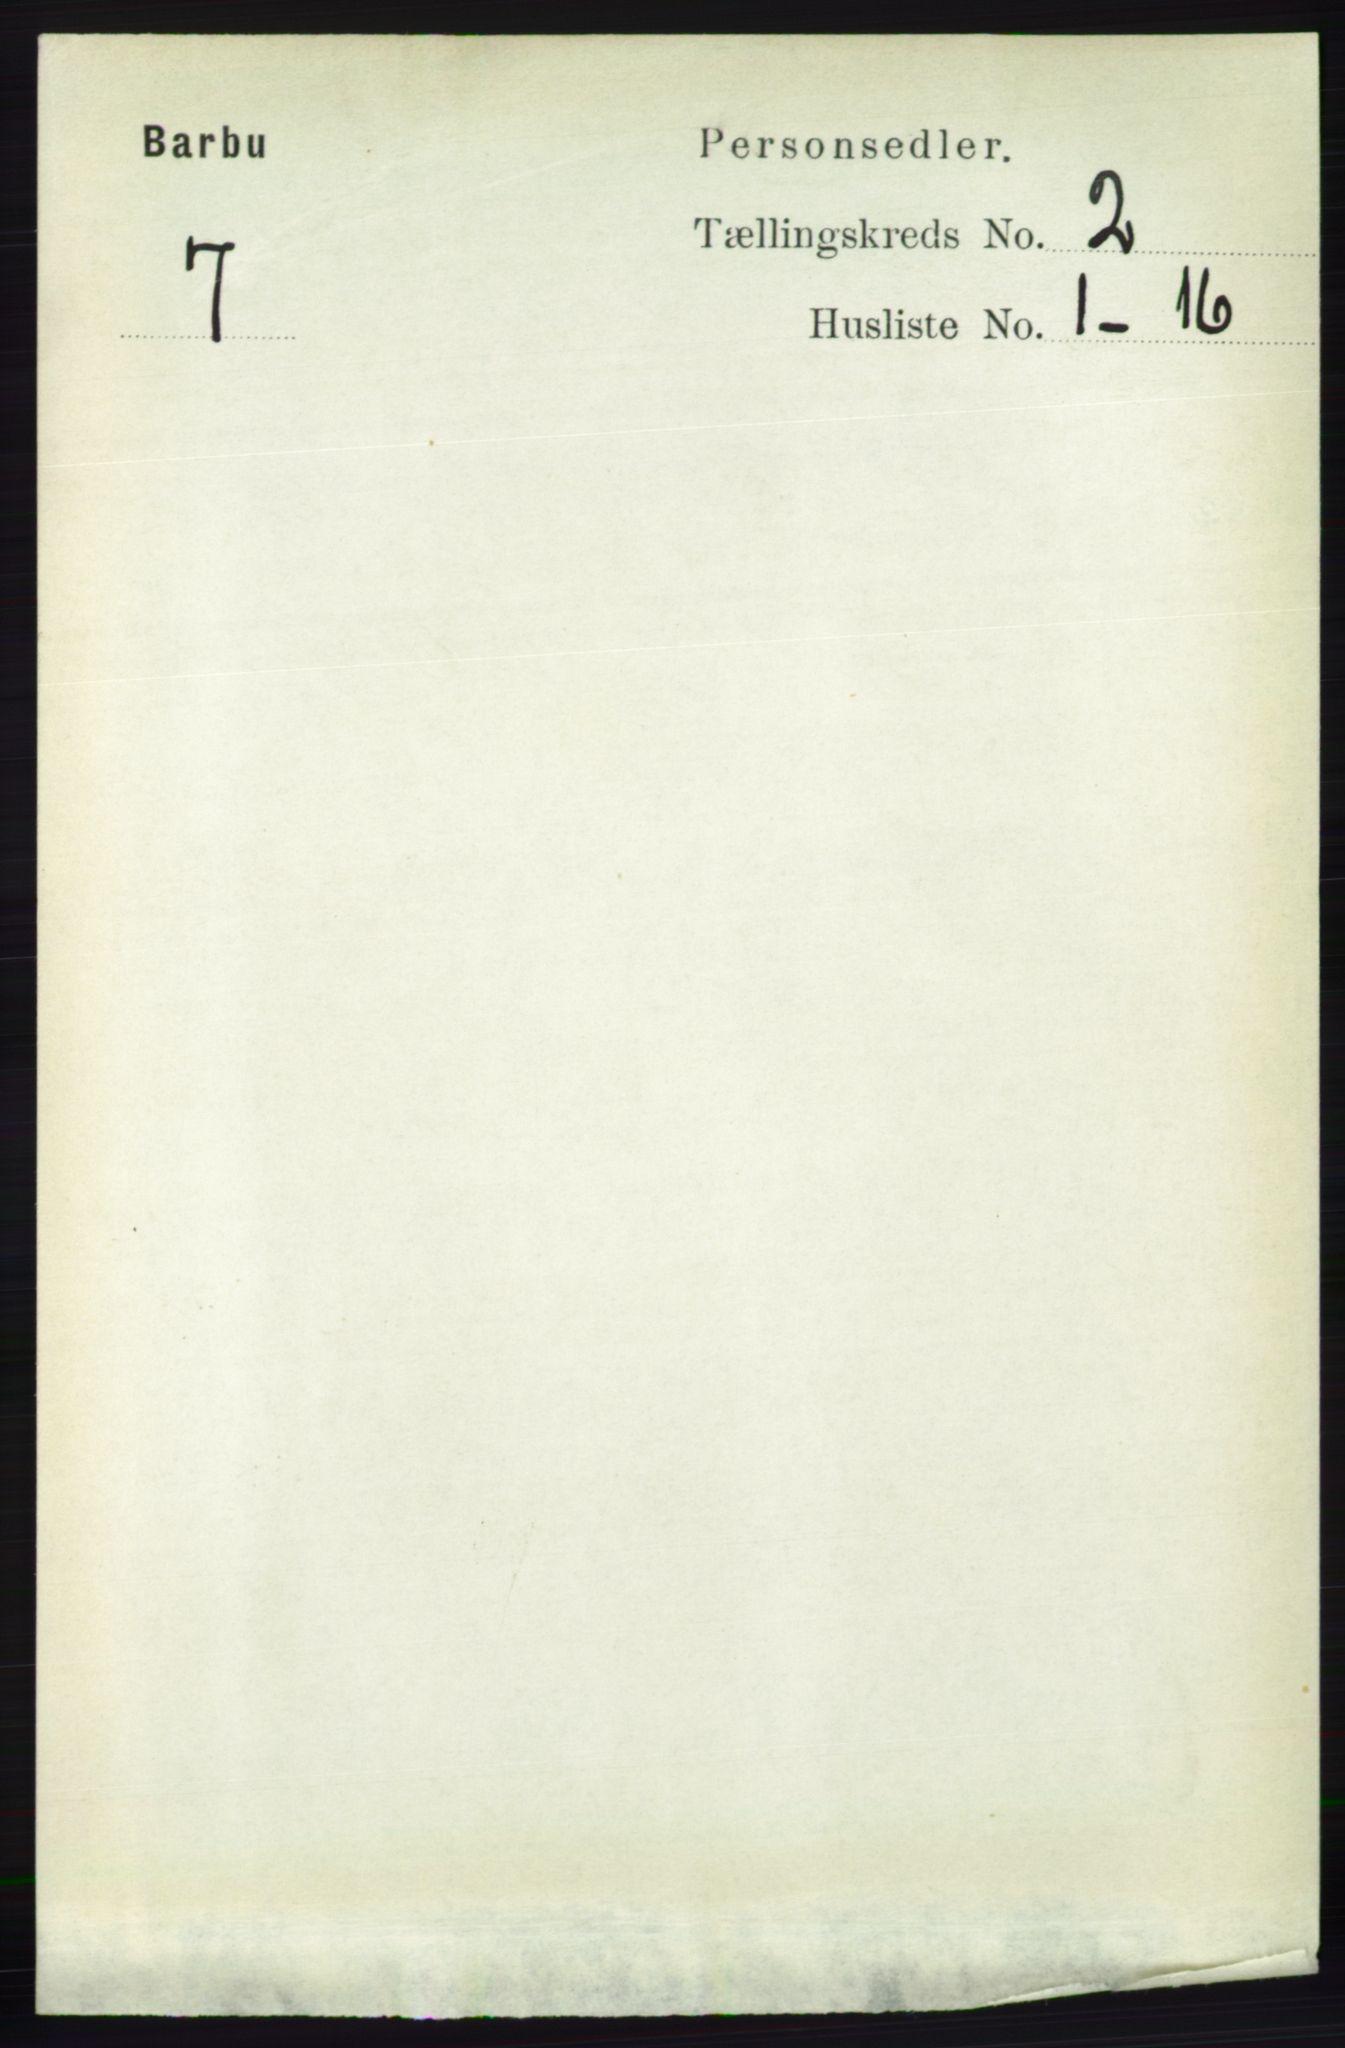 RA, Folketelling 1891 for 0990 Barbu herred, 1891, s. 897